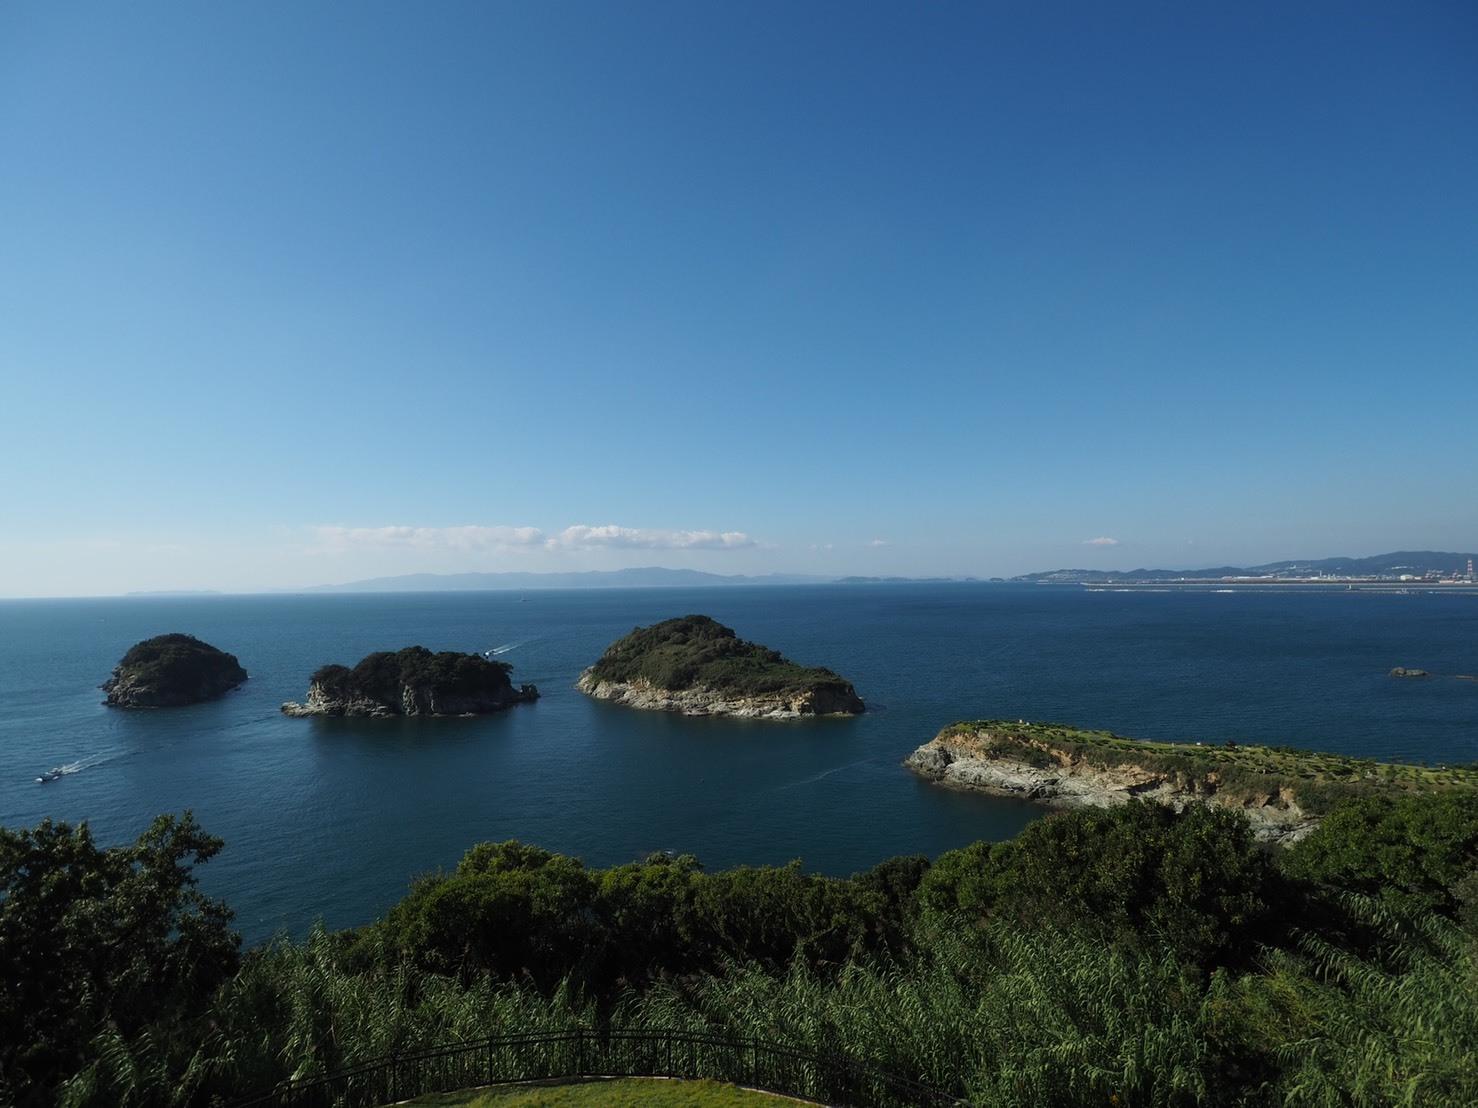 ぴーきちハーレーブログ 和歌の浦ツーリング 雑賀崎 日本のアマルフィ 雑賀崎灯台 景色